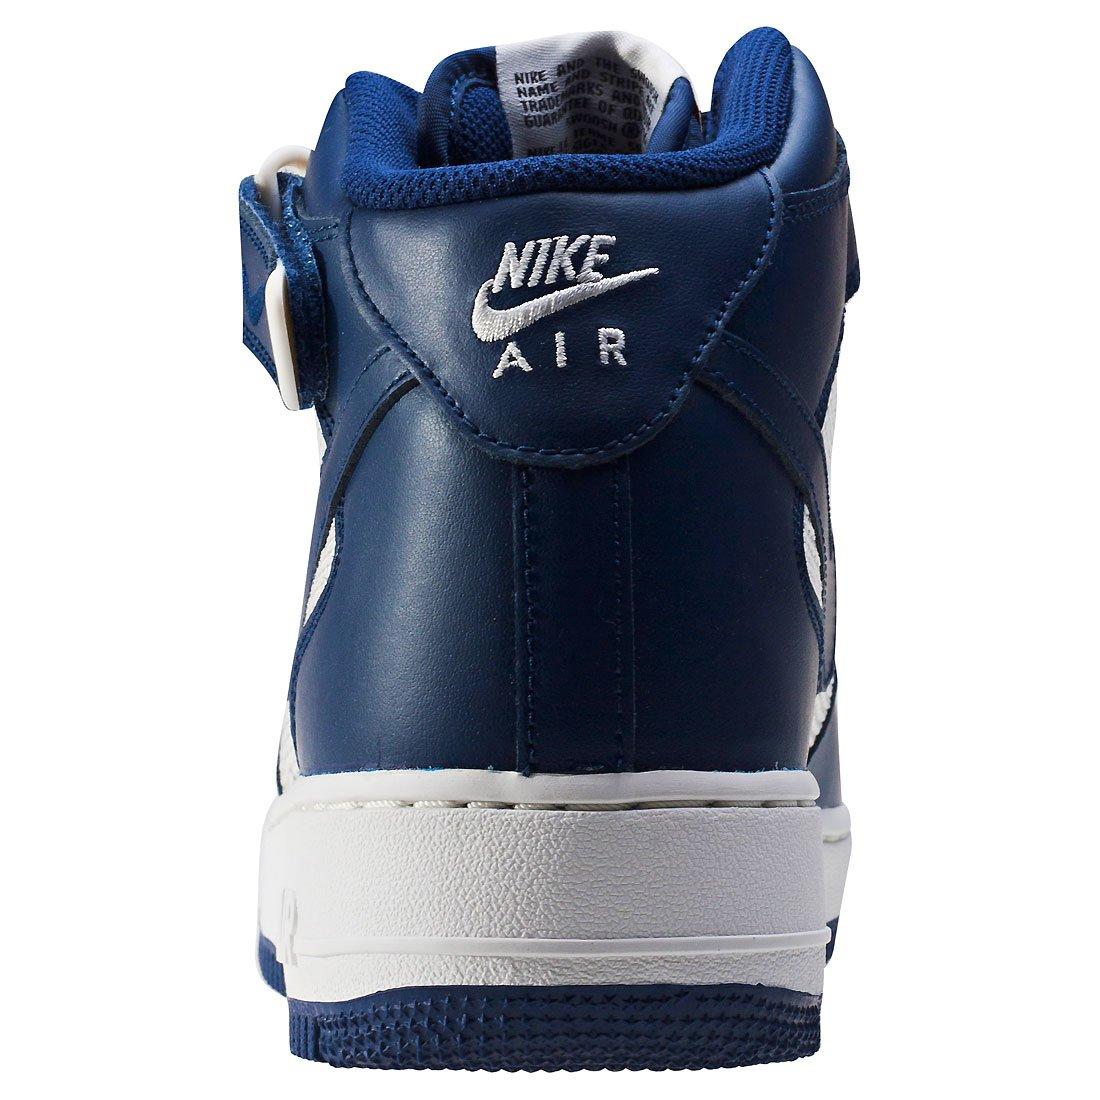 Scarpe Da Uomo Nike / Scarpe Da Ginnastica Air Force 1 Mid 07 Blu 42.5